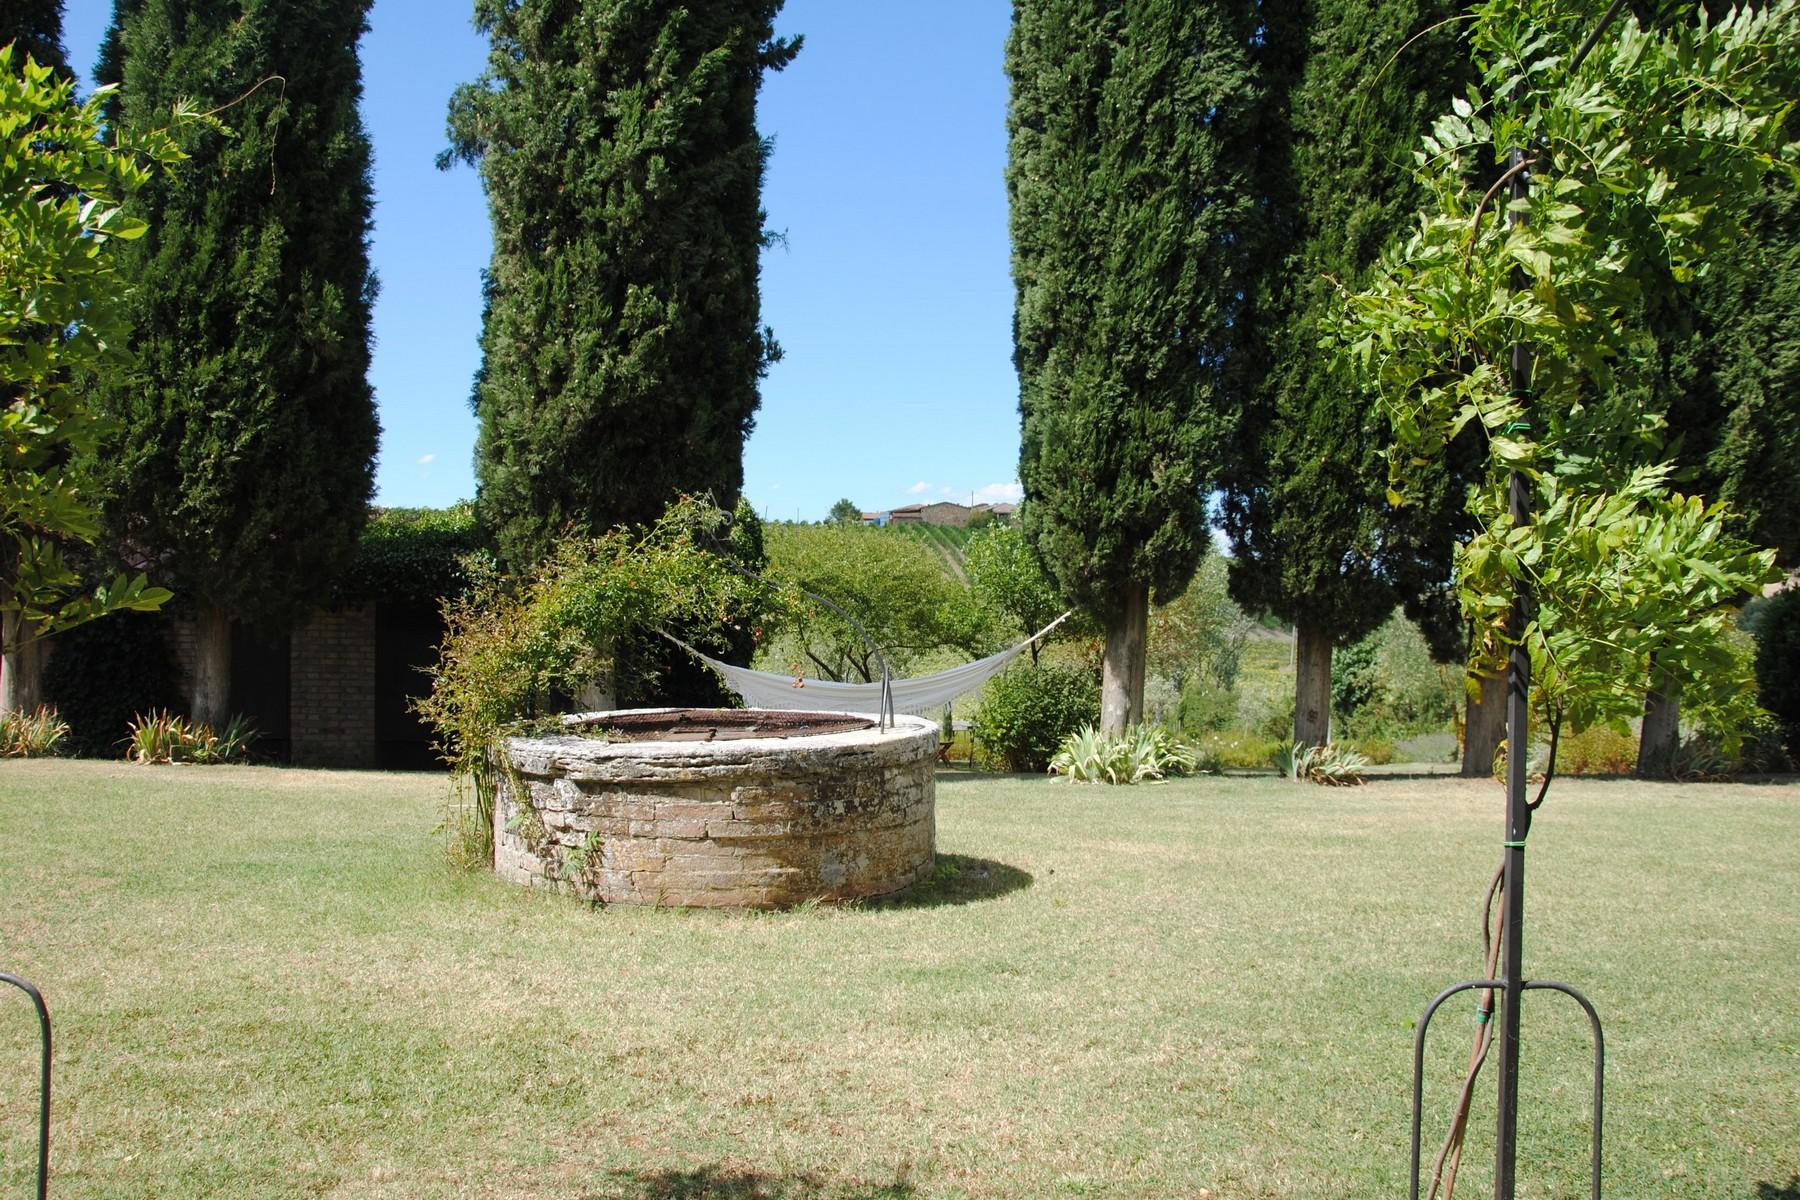 来自16世纪锡耶纳乡村优雅而古典的农舍 - 5